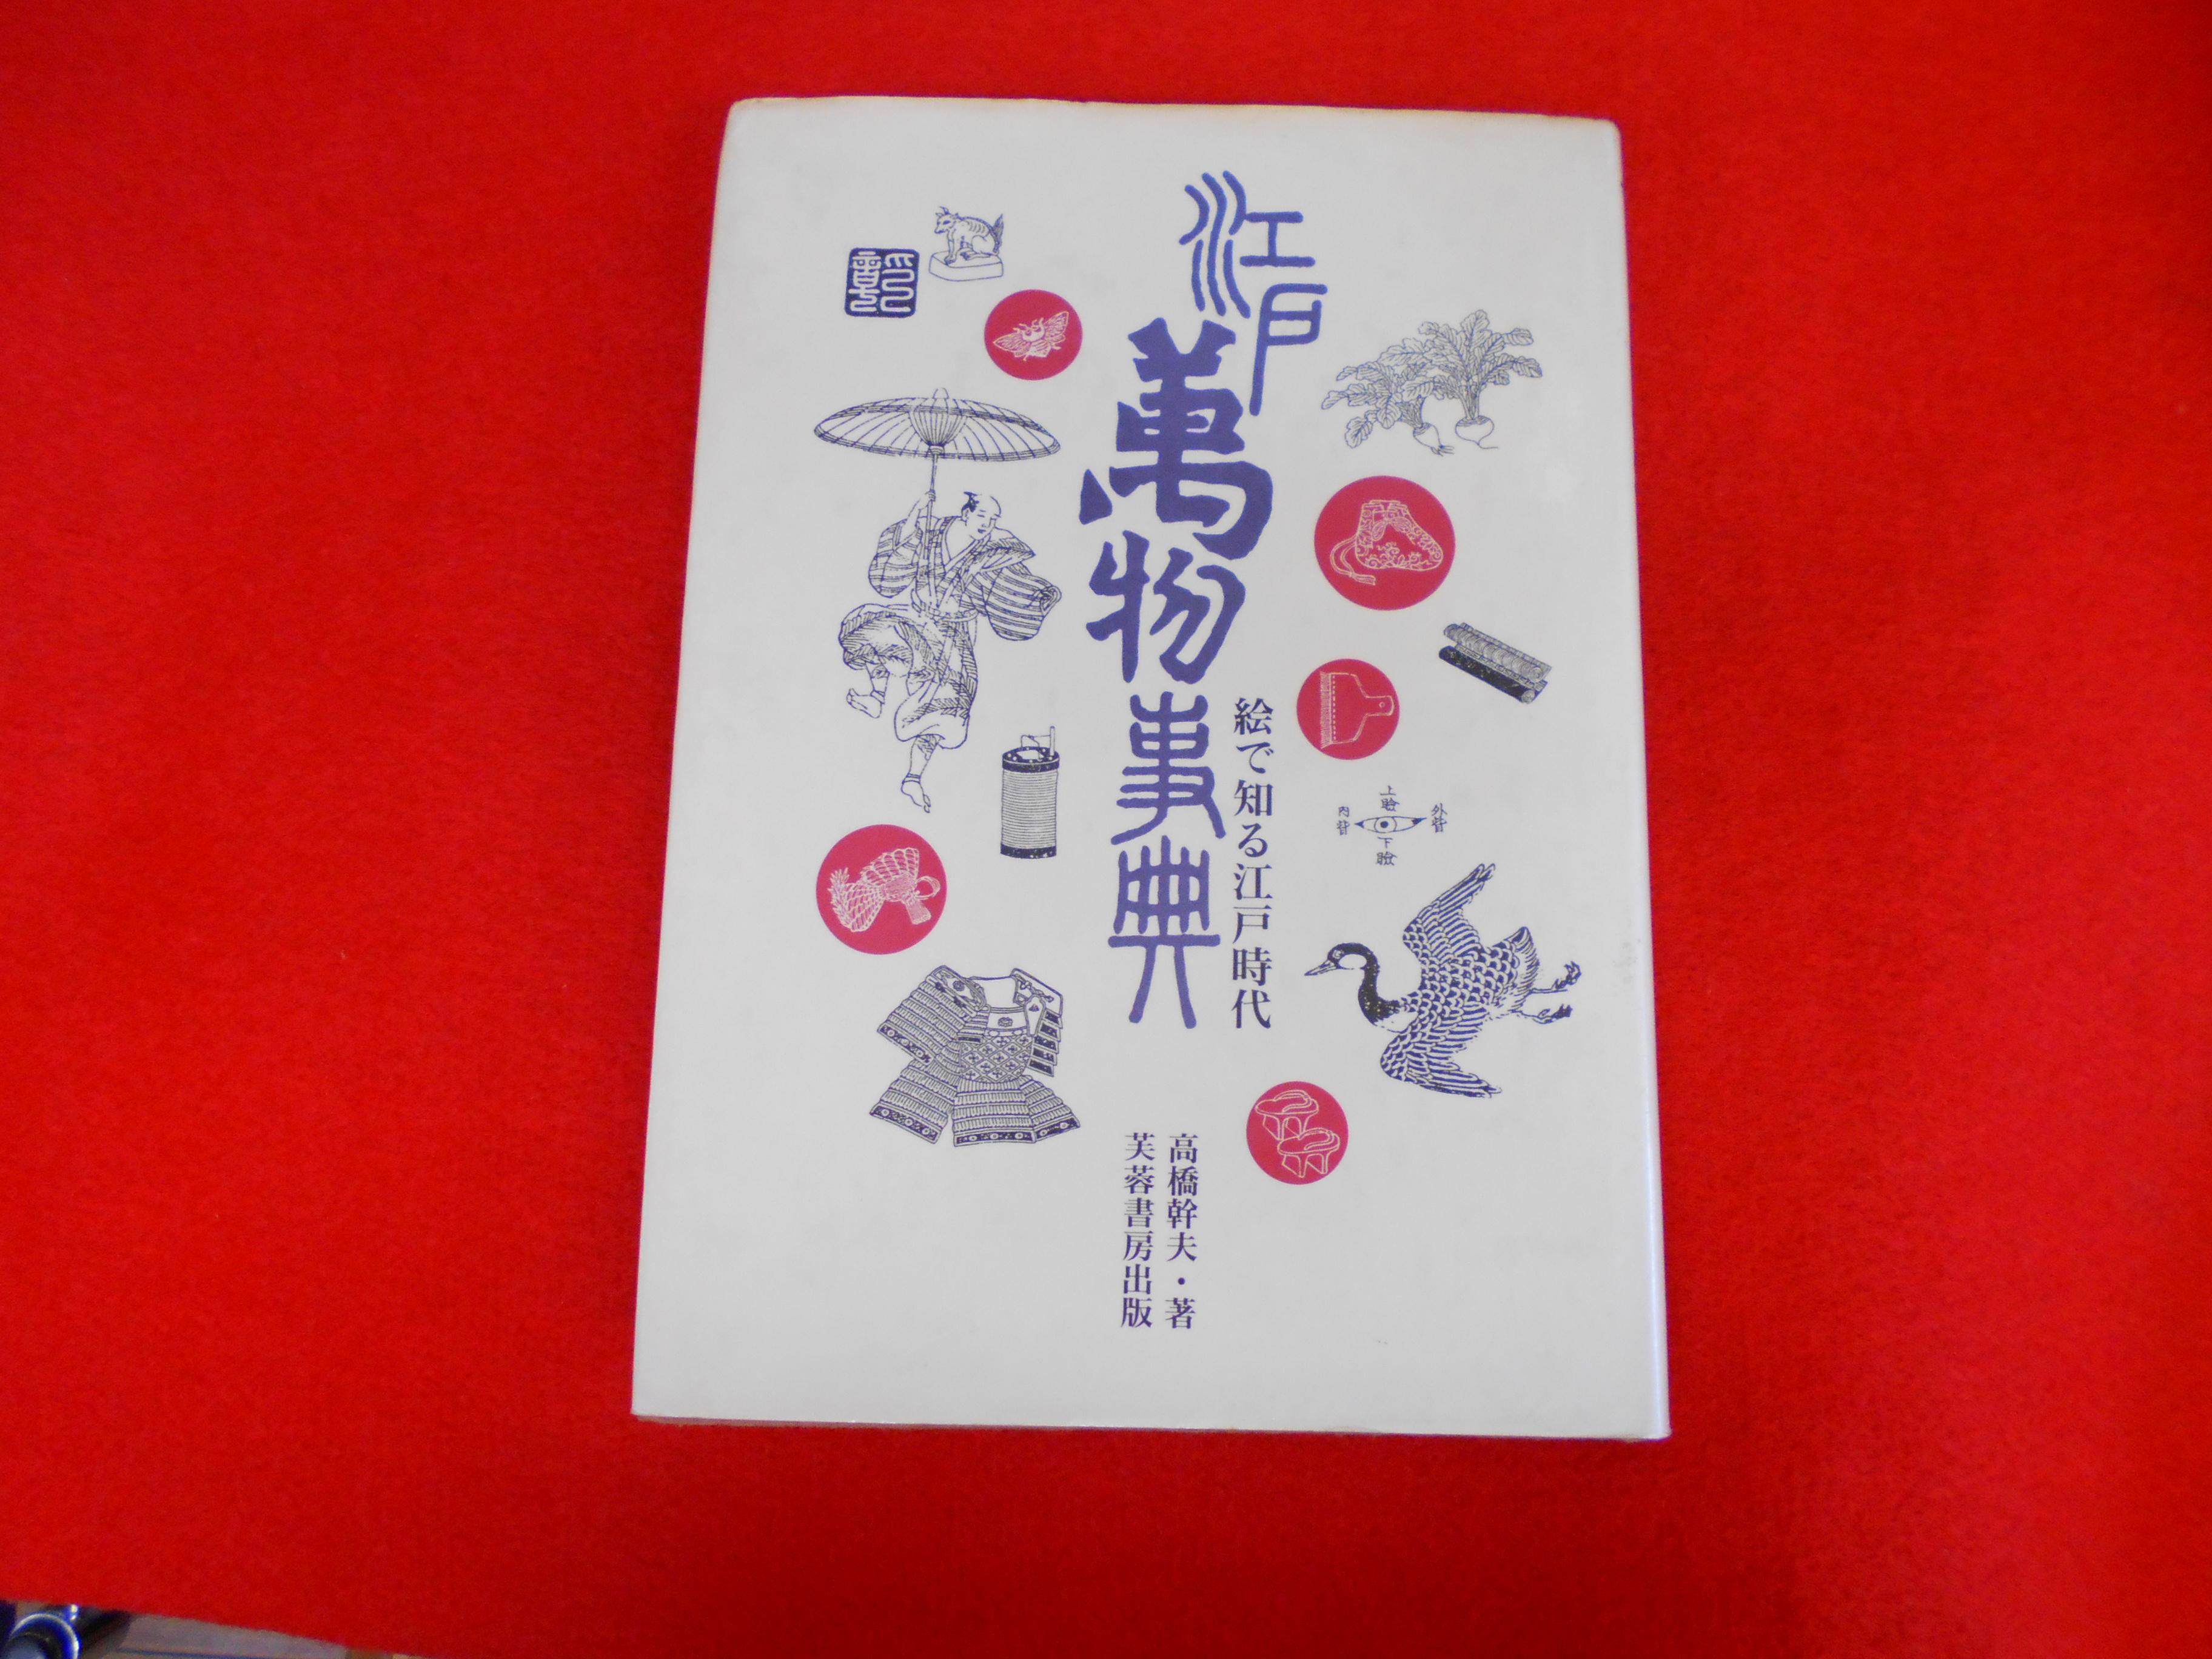 【江戸萬物辞典-絵で知る江戸時代】出張買取のお問い合わせは小川書店への画像